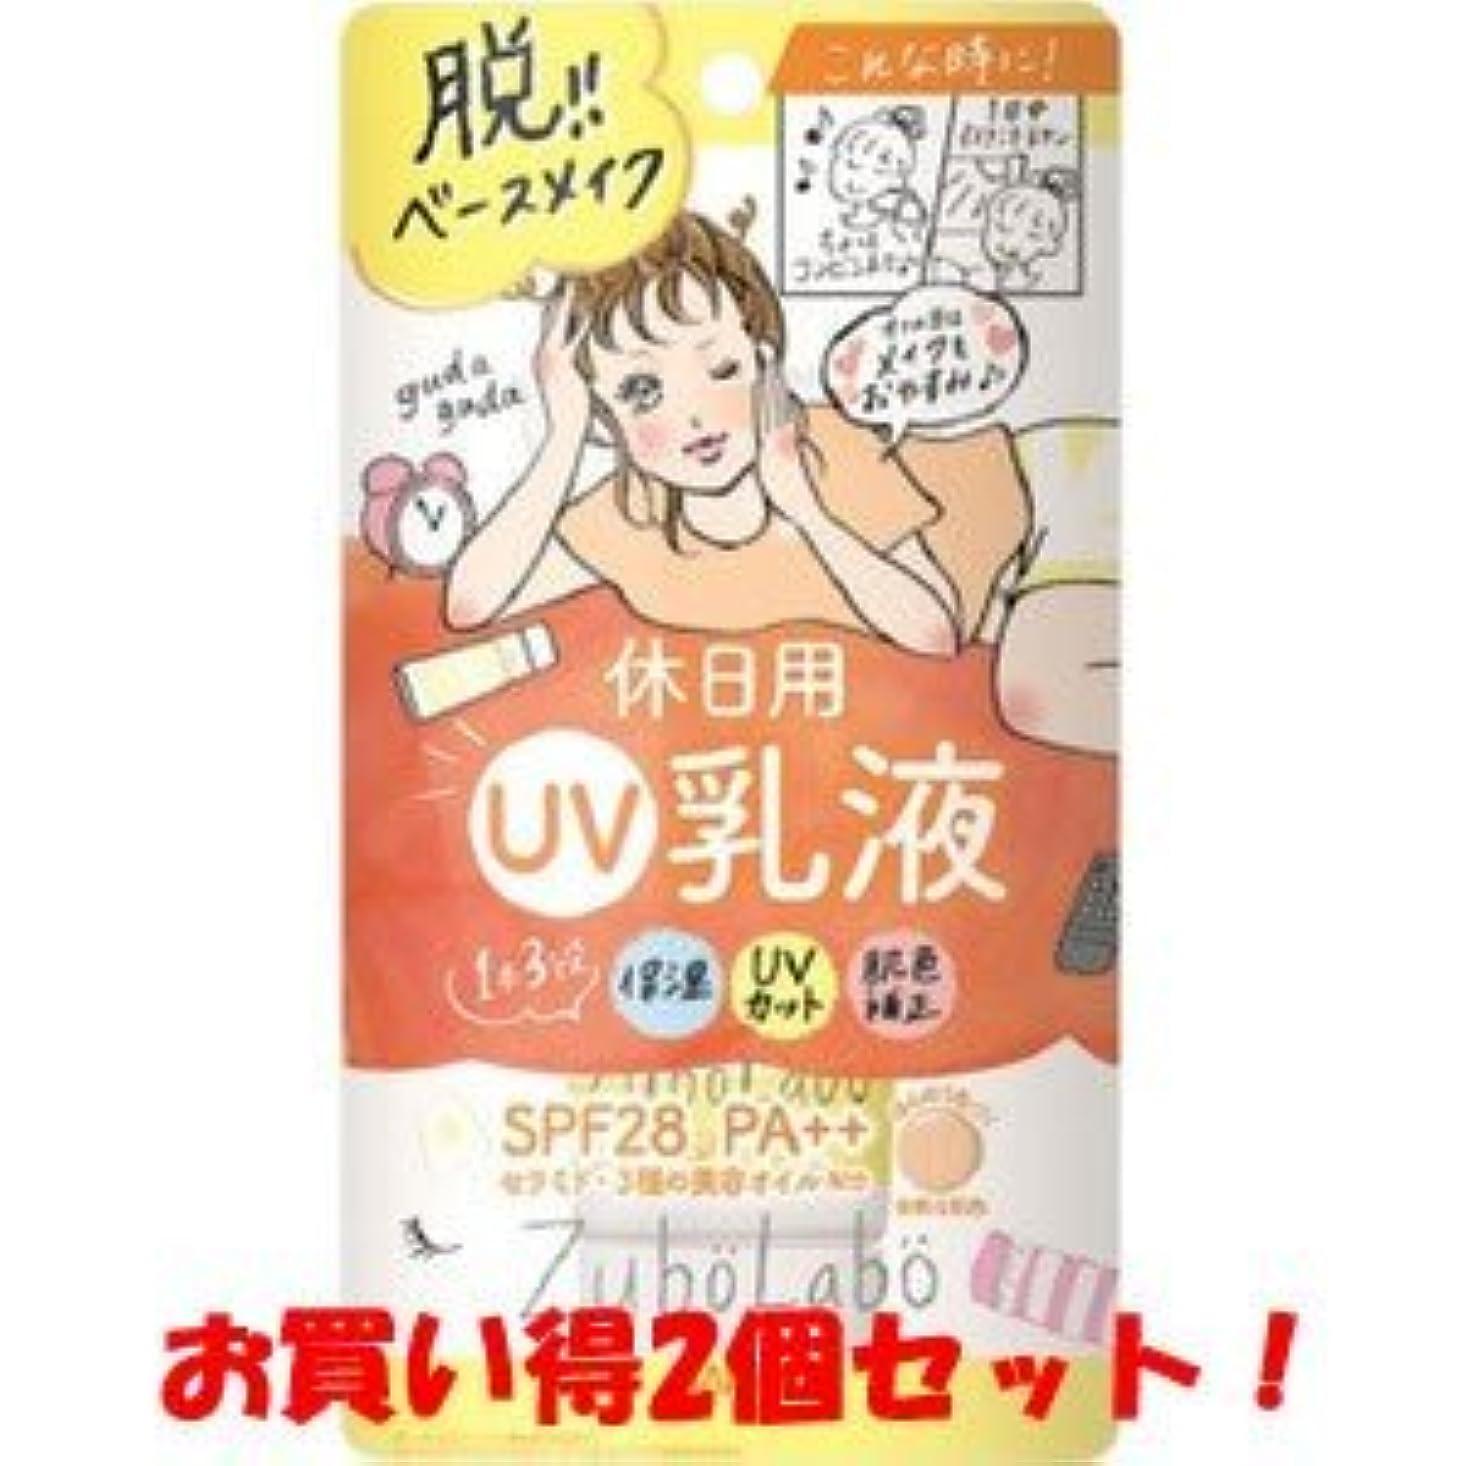 柔らかさ彼らの応用サナ(SANA)ズボラボ 休日用乳液 UV 60g/新商品/(お買い得2個セット)